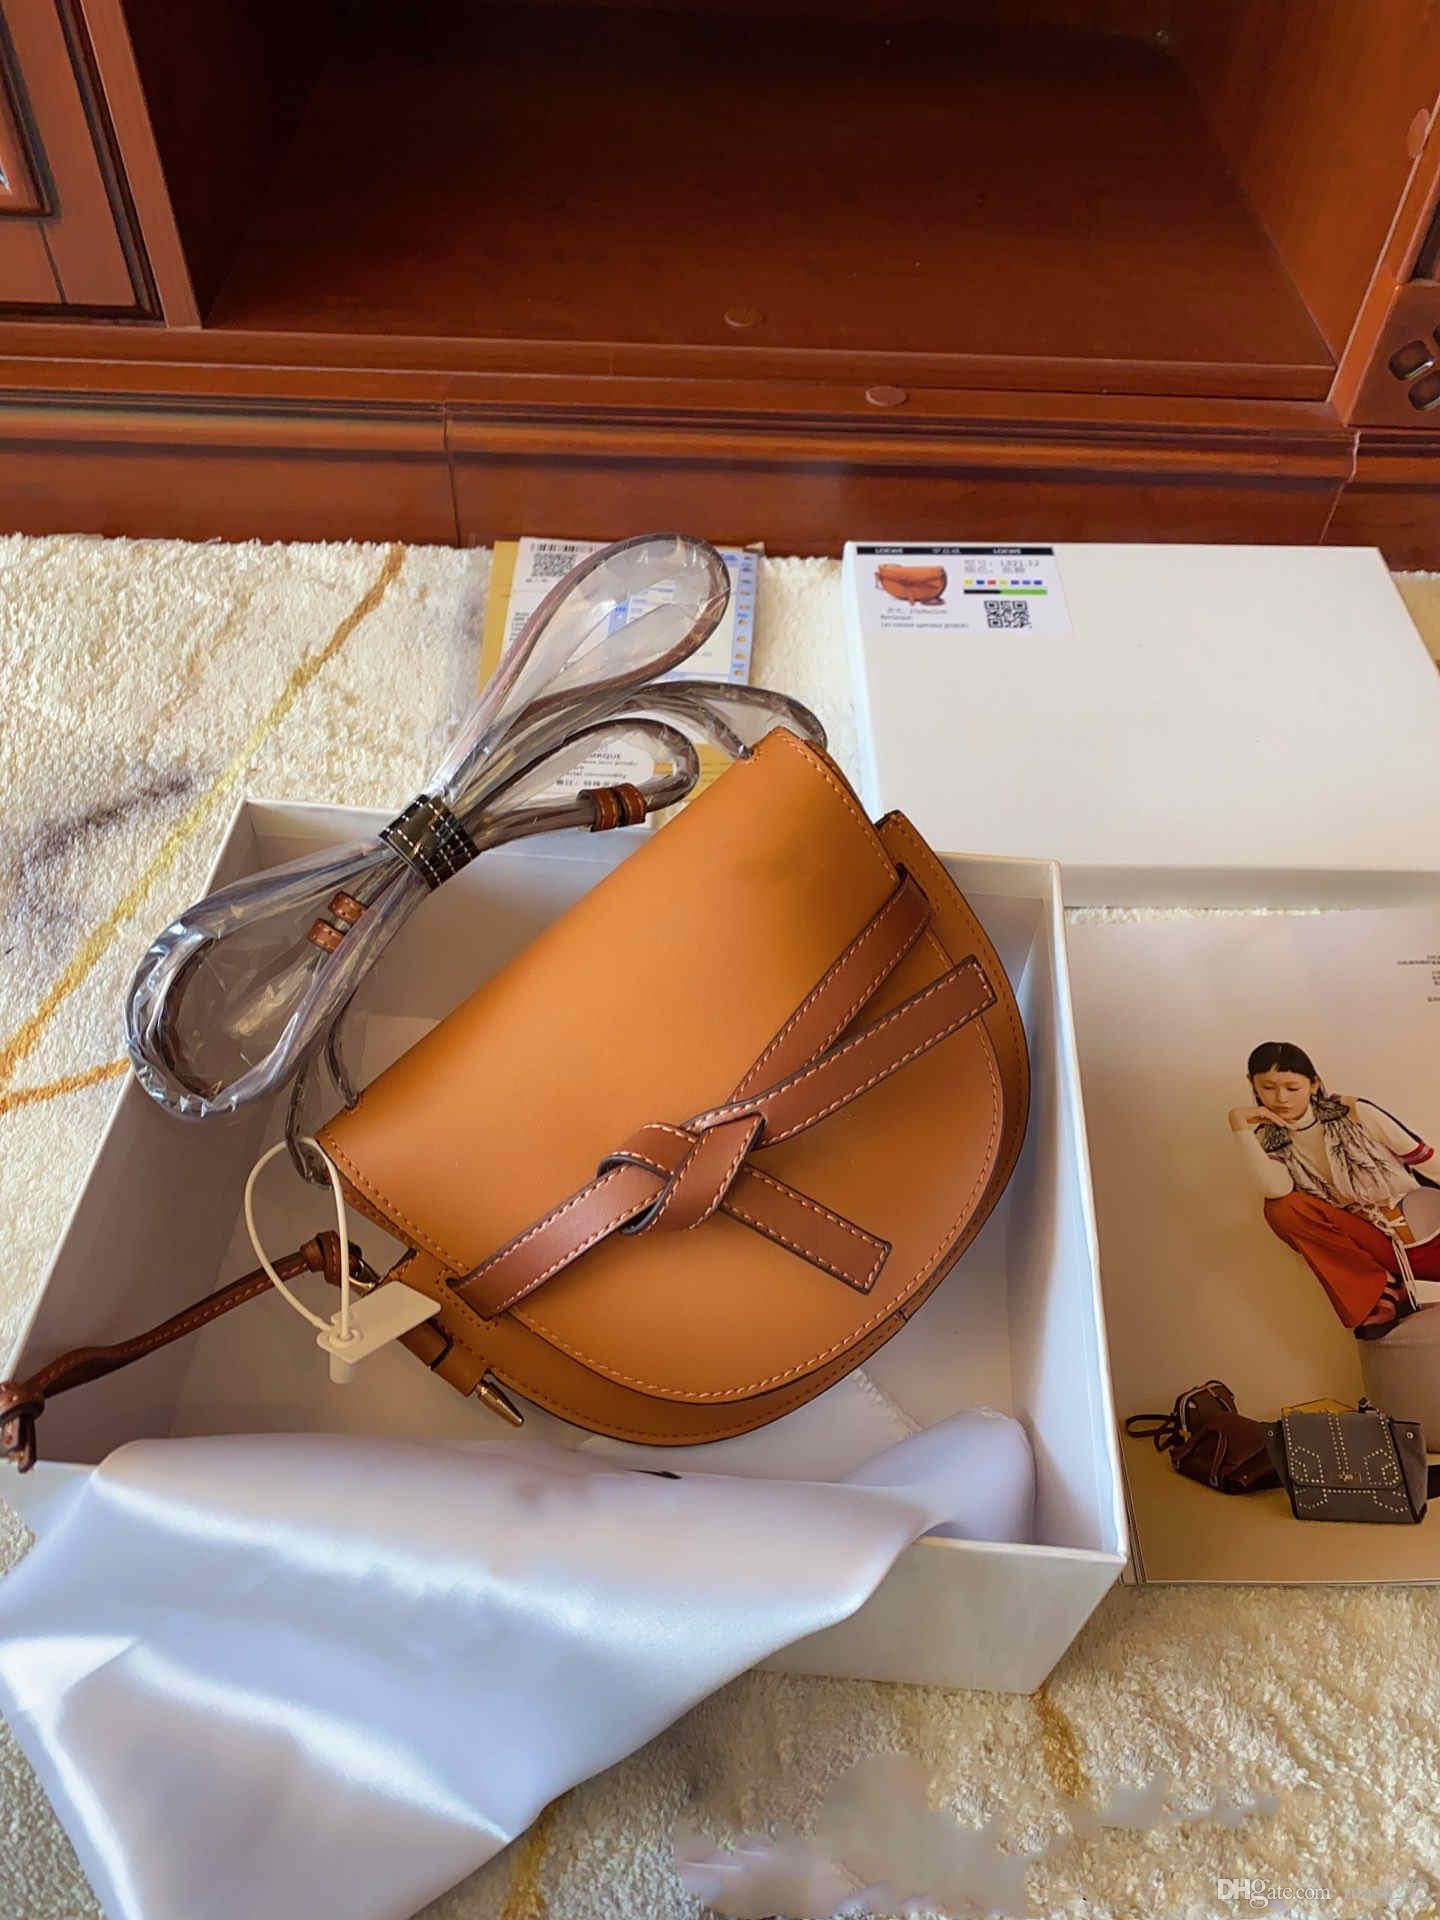 Frauen Designer Handtaschen Leder Schulter C09 Taschen Tasche Messenger Staubqualität Gute Box Crossbody Klassische Art Sattel Geschenk Einzelne Banpk